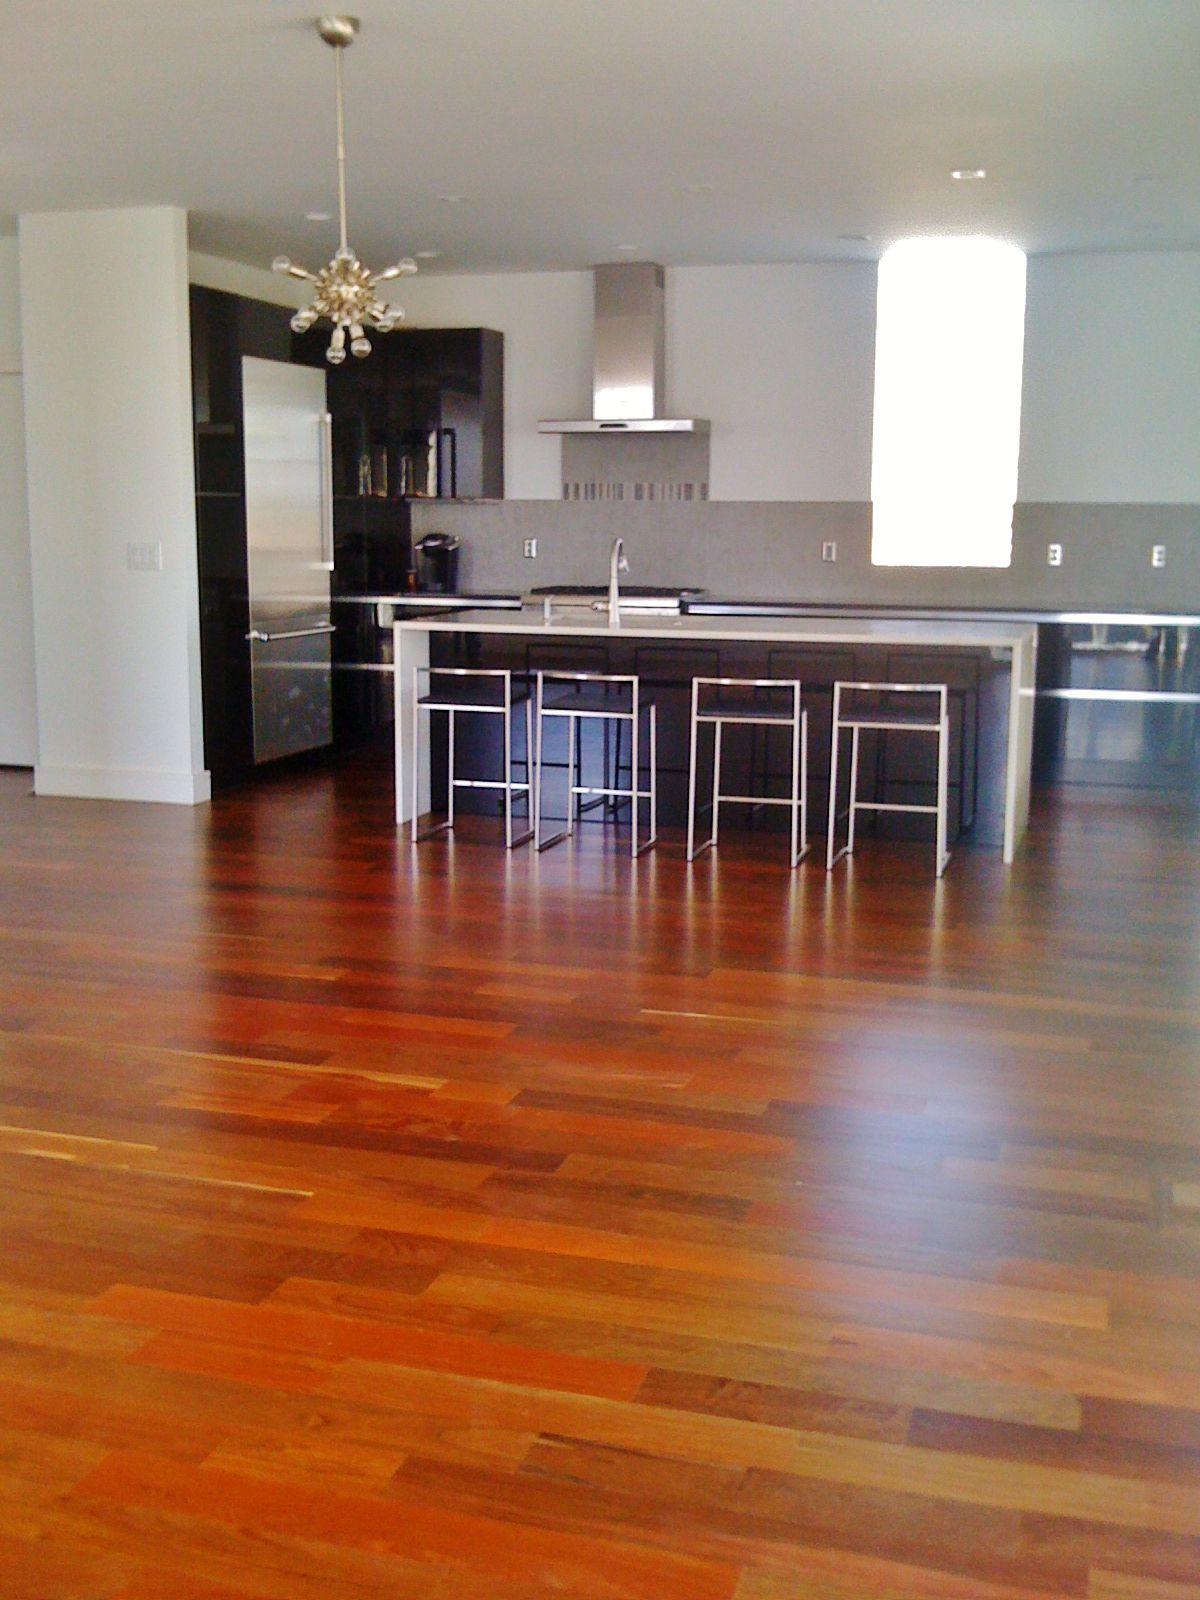 Ipe Hardwood Floors With 3 Coats Of